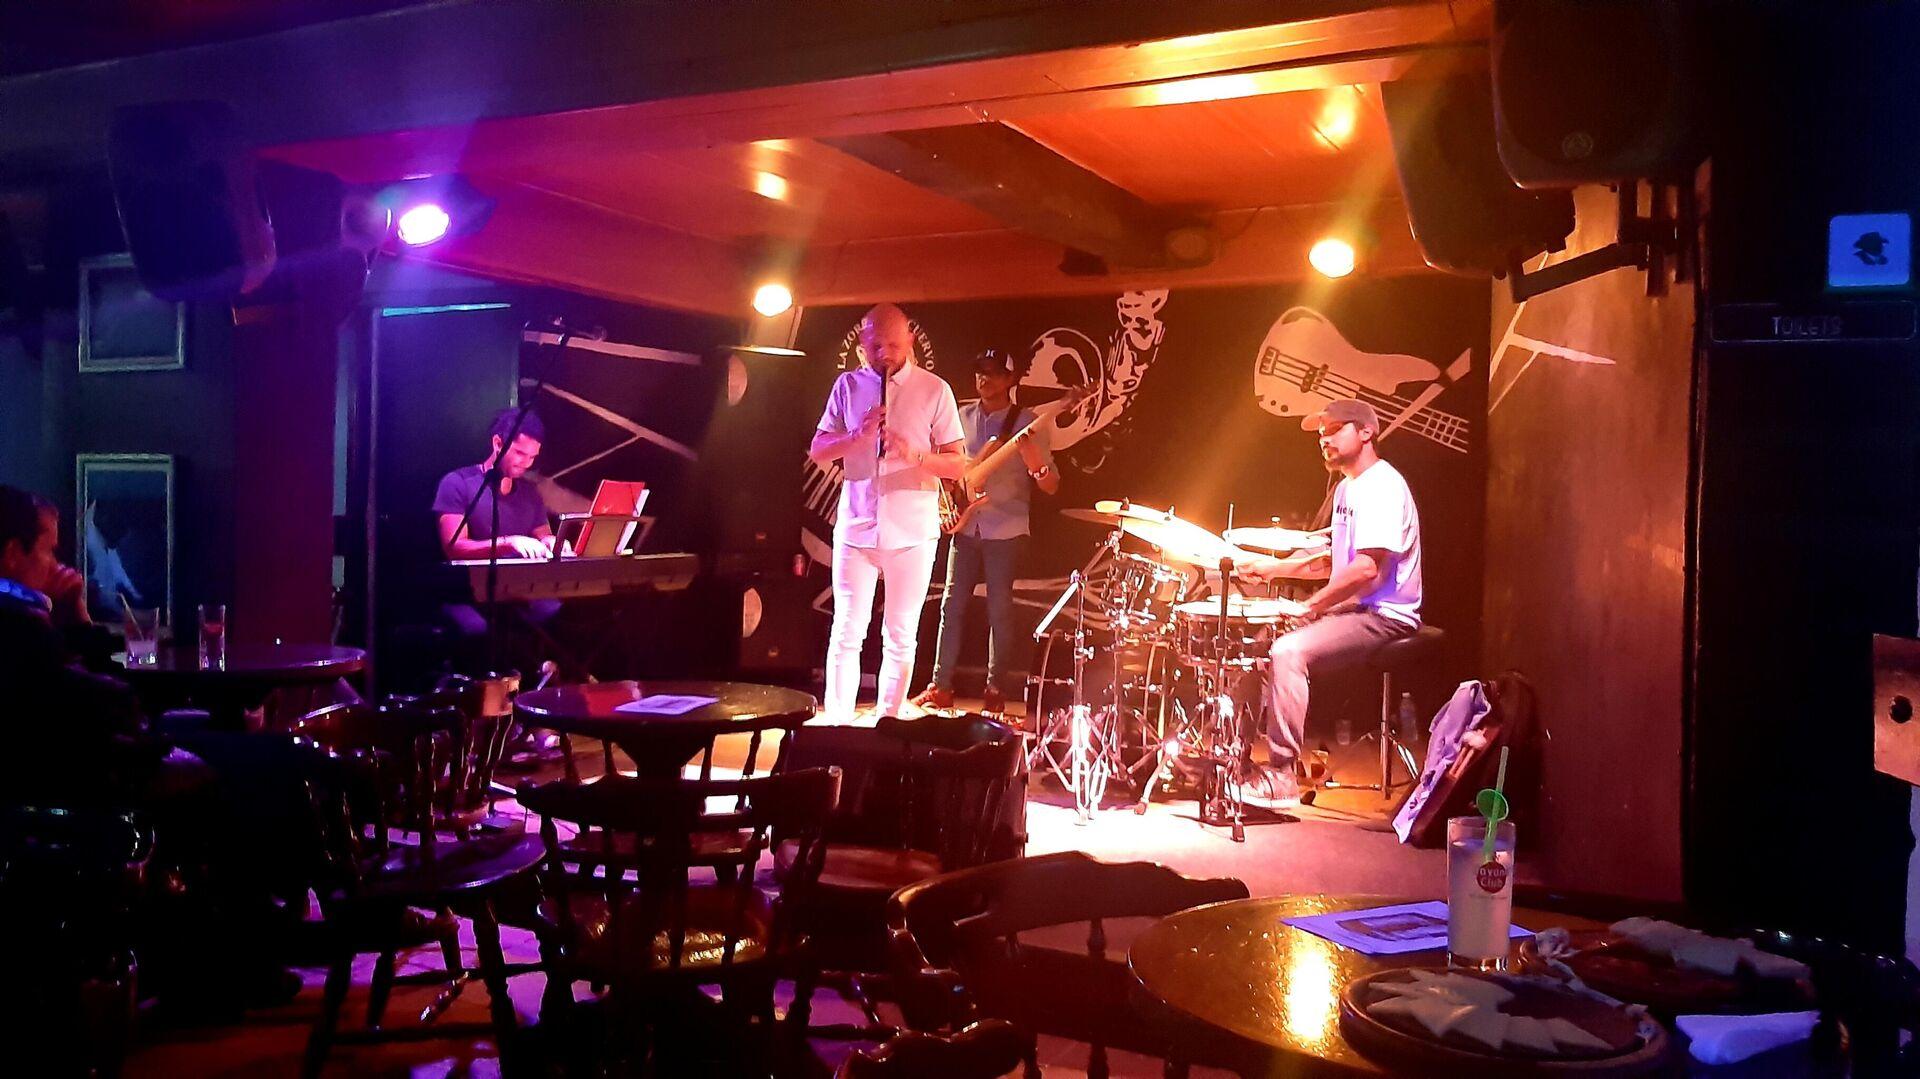 Club de jazz La Zorra y el Cuervo, en La Habana - Sputnik Mundo, 1920, 30.04.2021